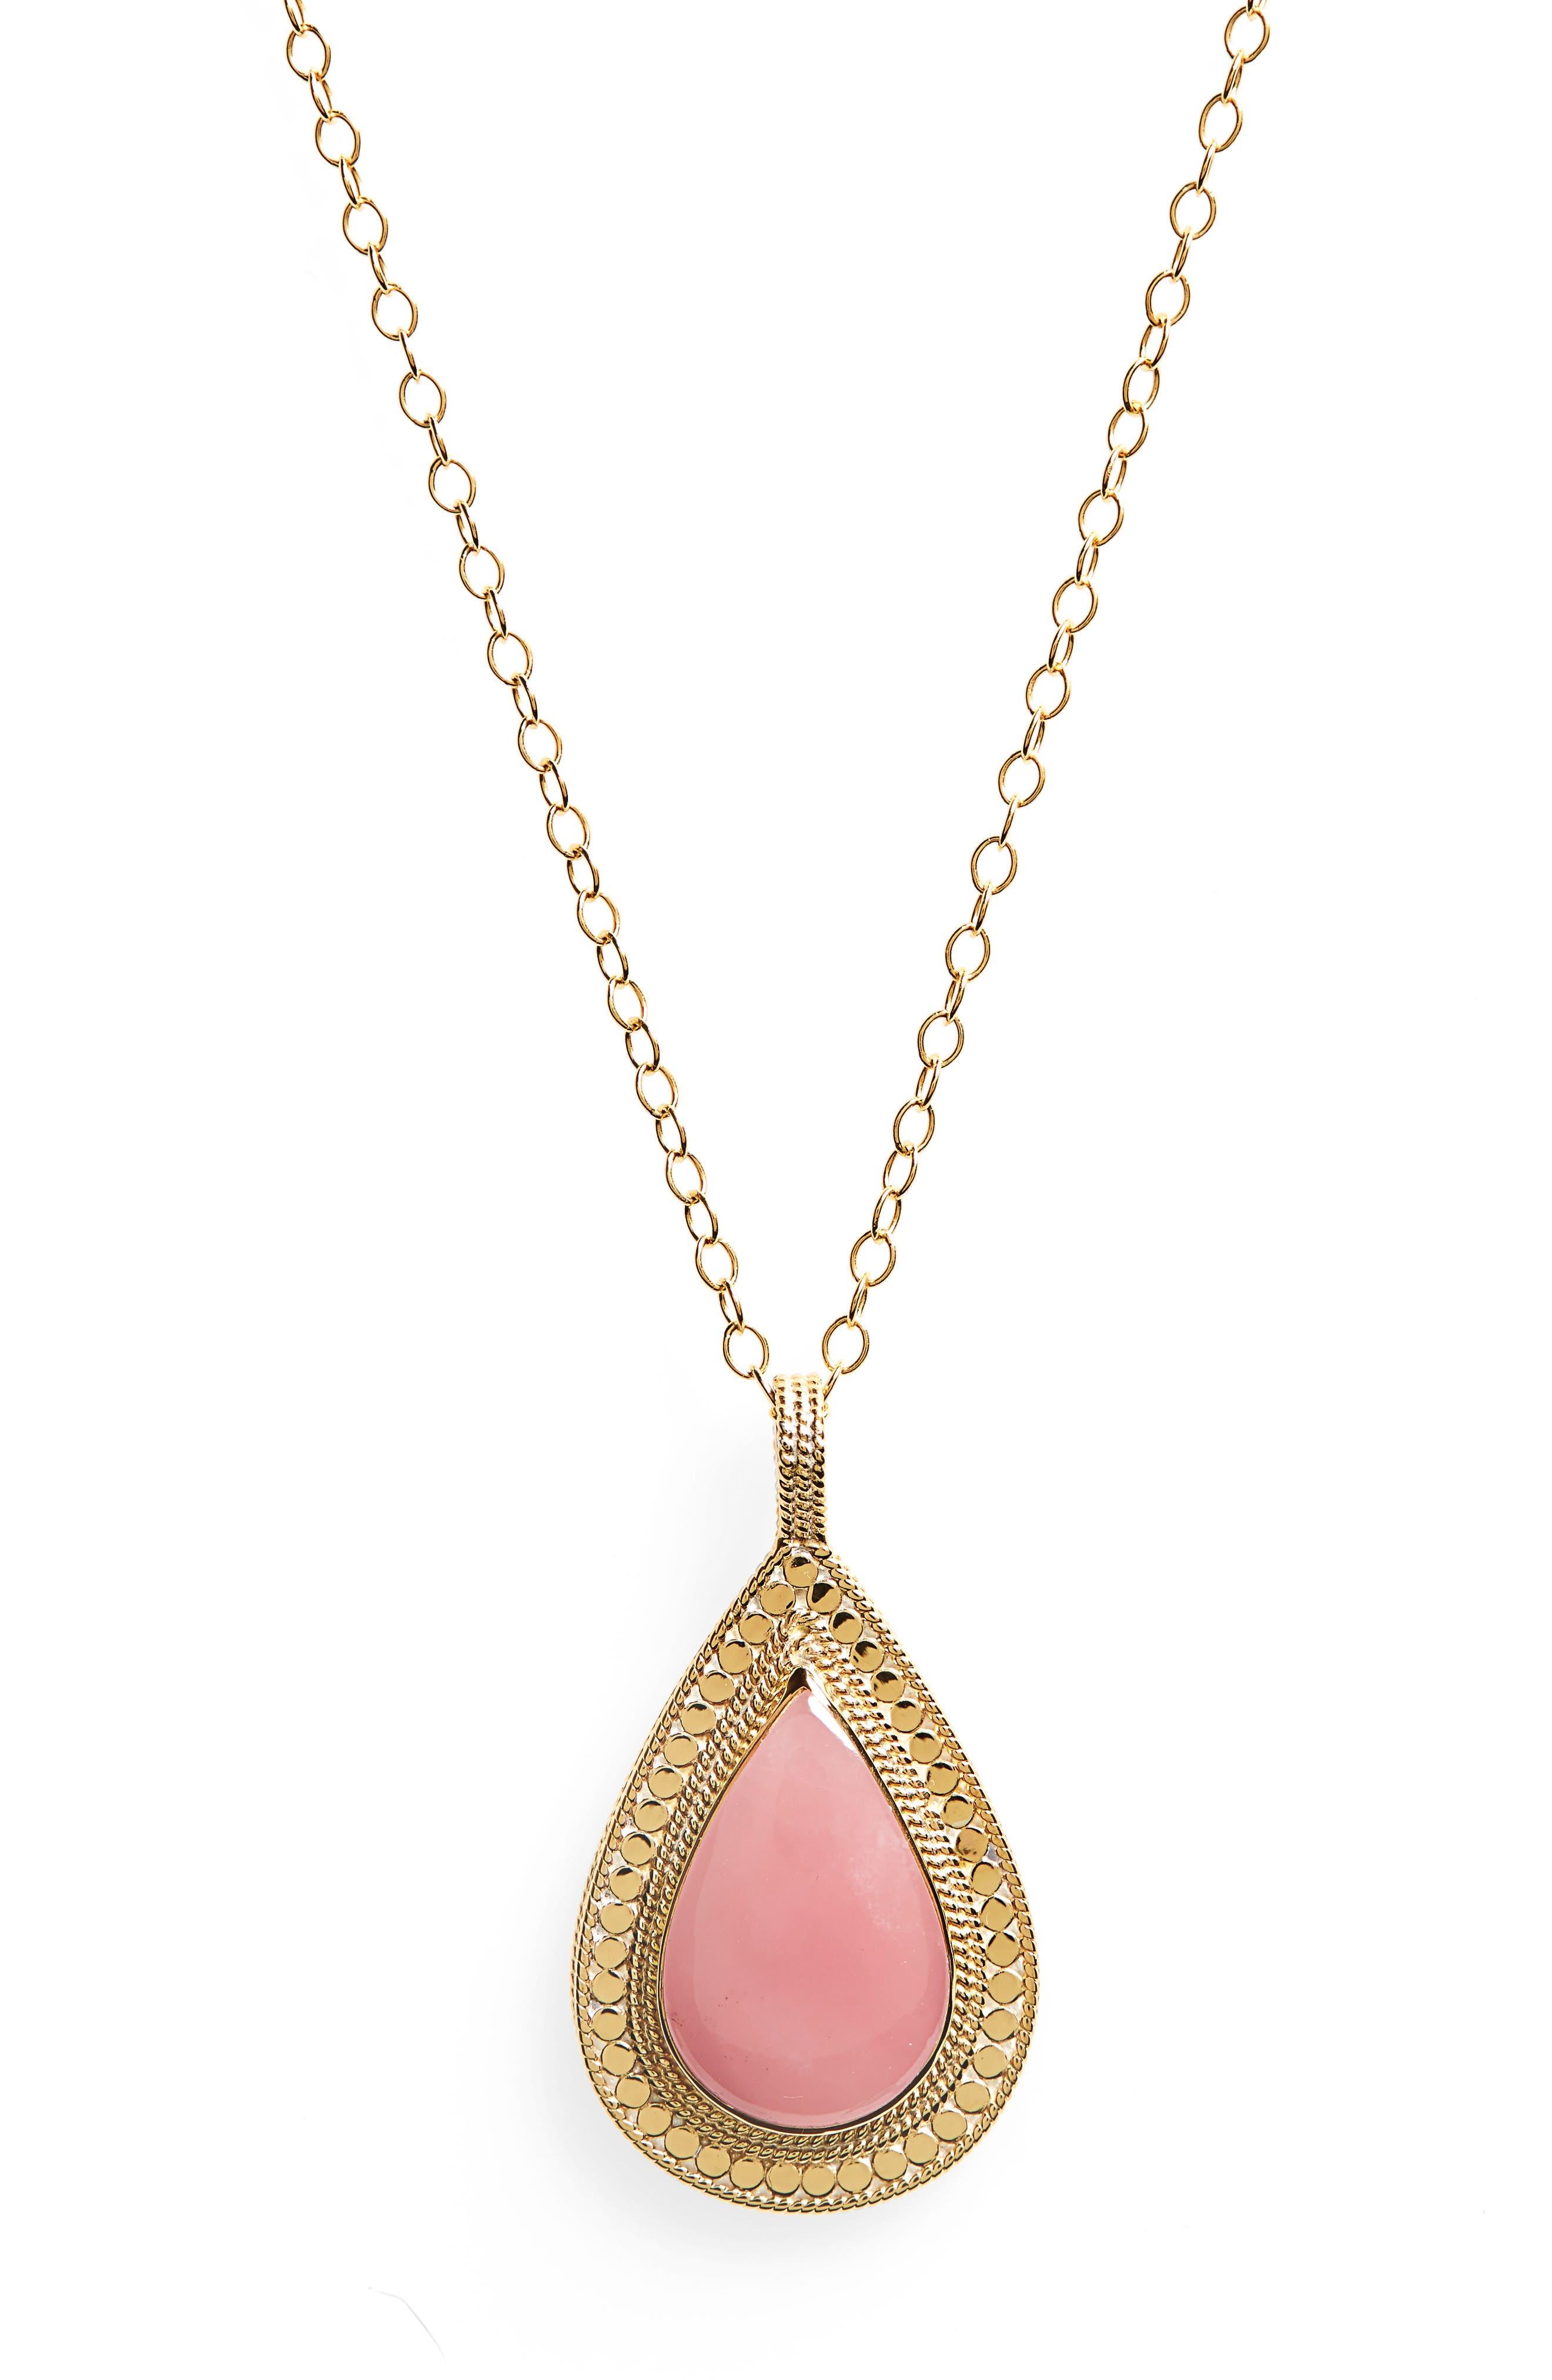 Guava Quartz Double-Sided Necklace,                             Alternate thumbnail 2, color,                             Gold/ Guava Quartz